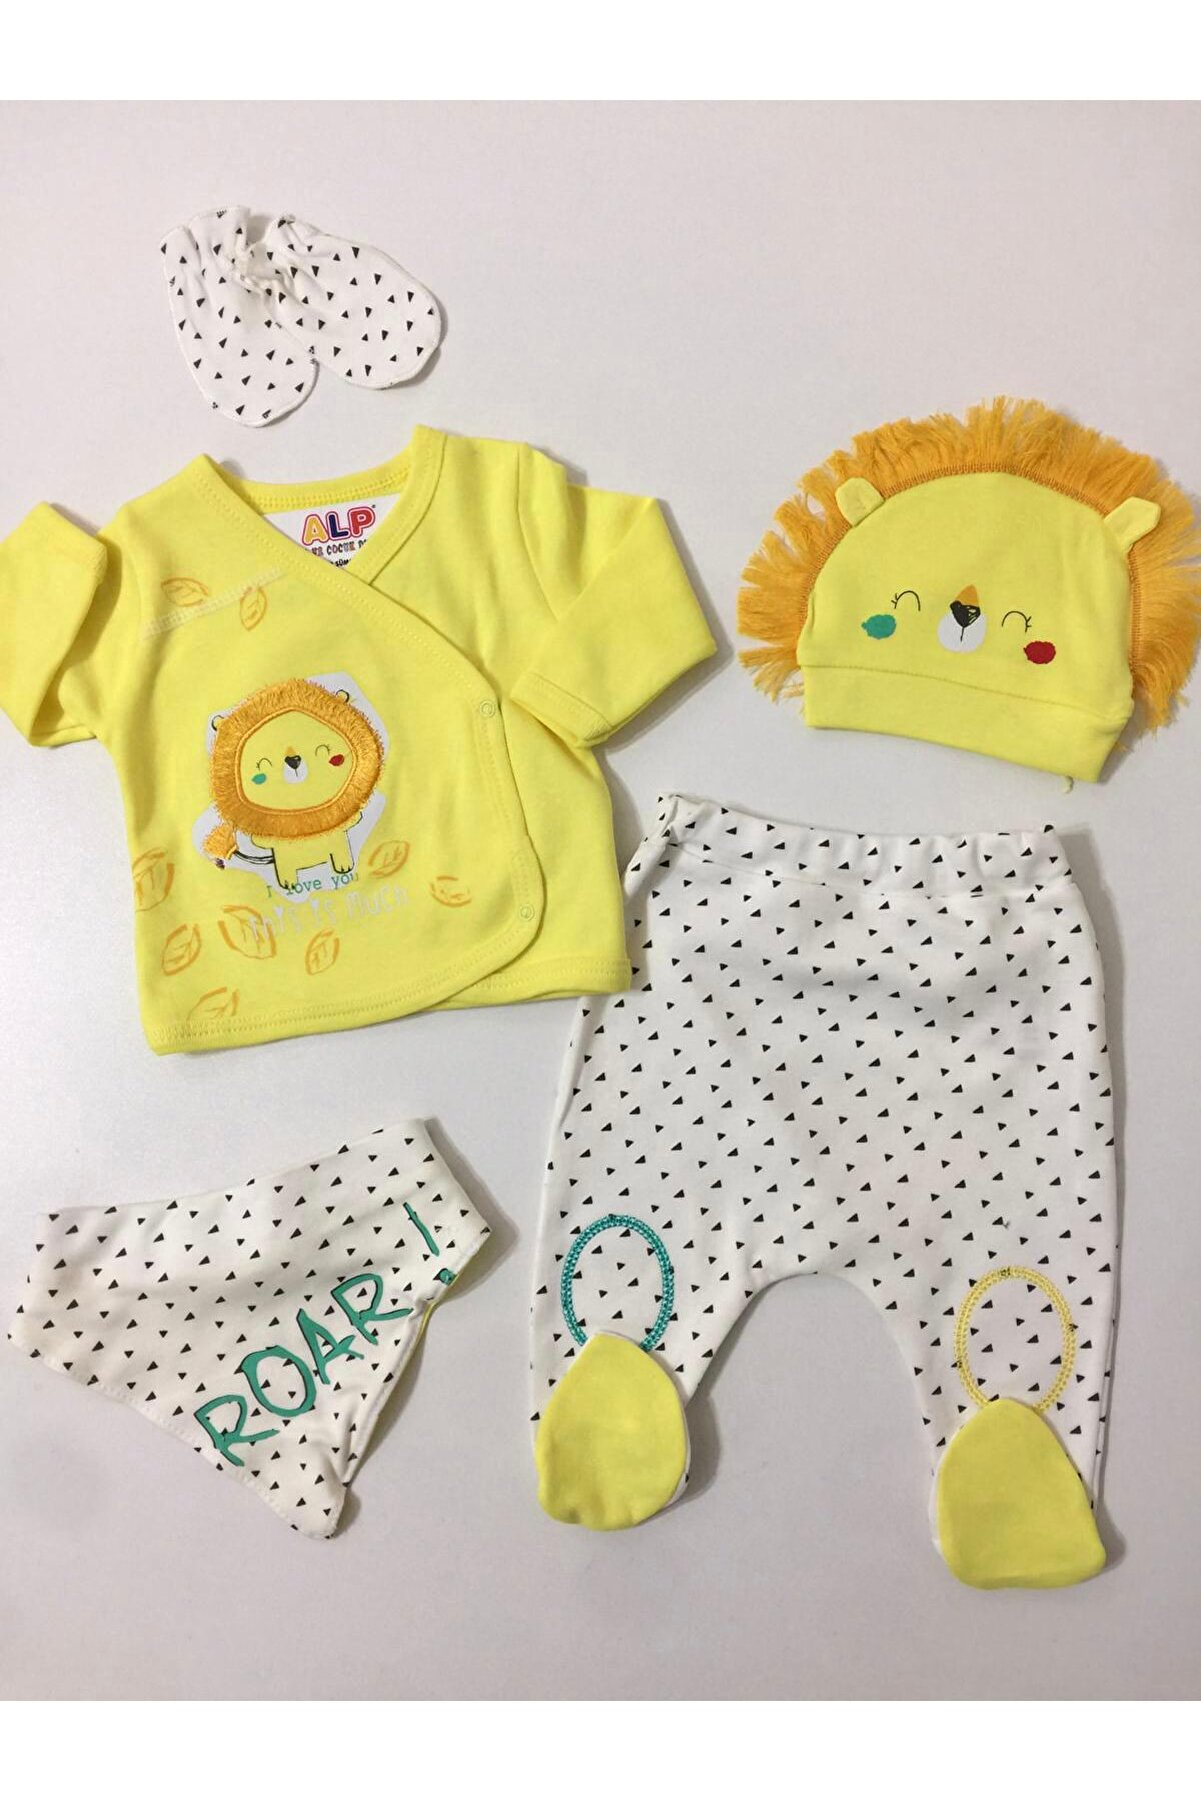 İMAJ BABY Erkek Bebek Sarı Uykucu Aslan 5 Parça Hastane Çıkış Seti Takım